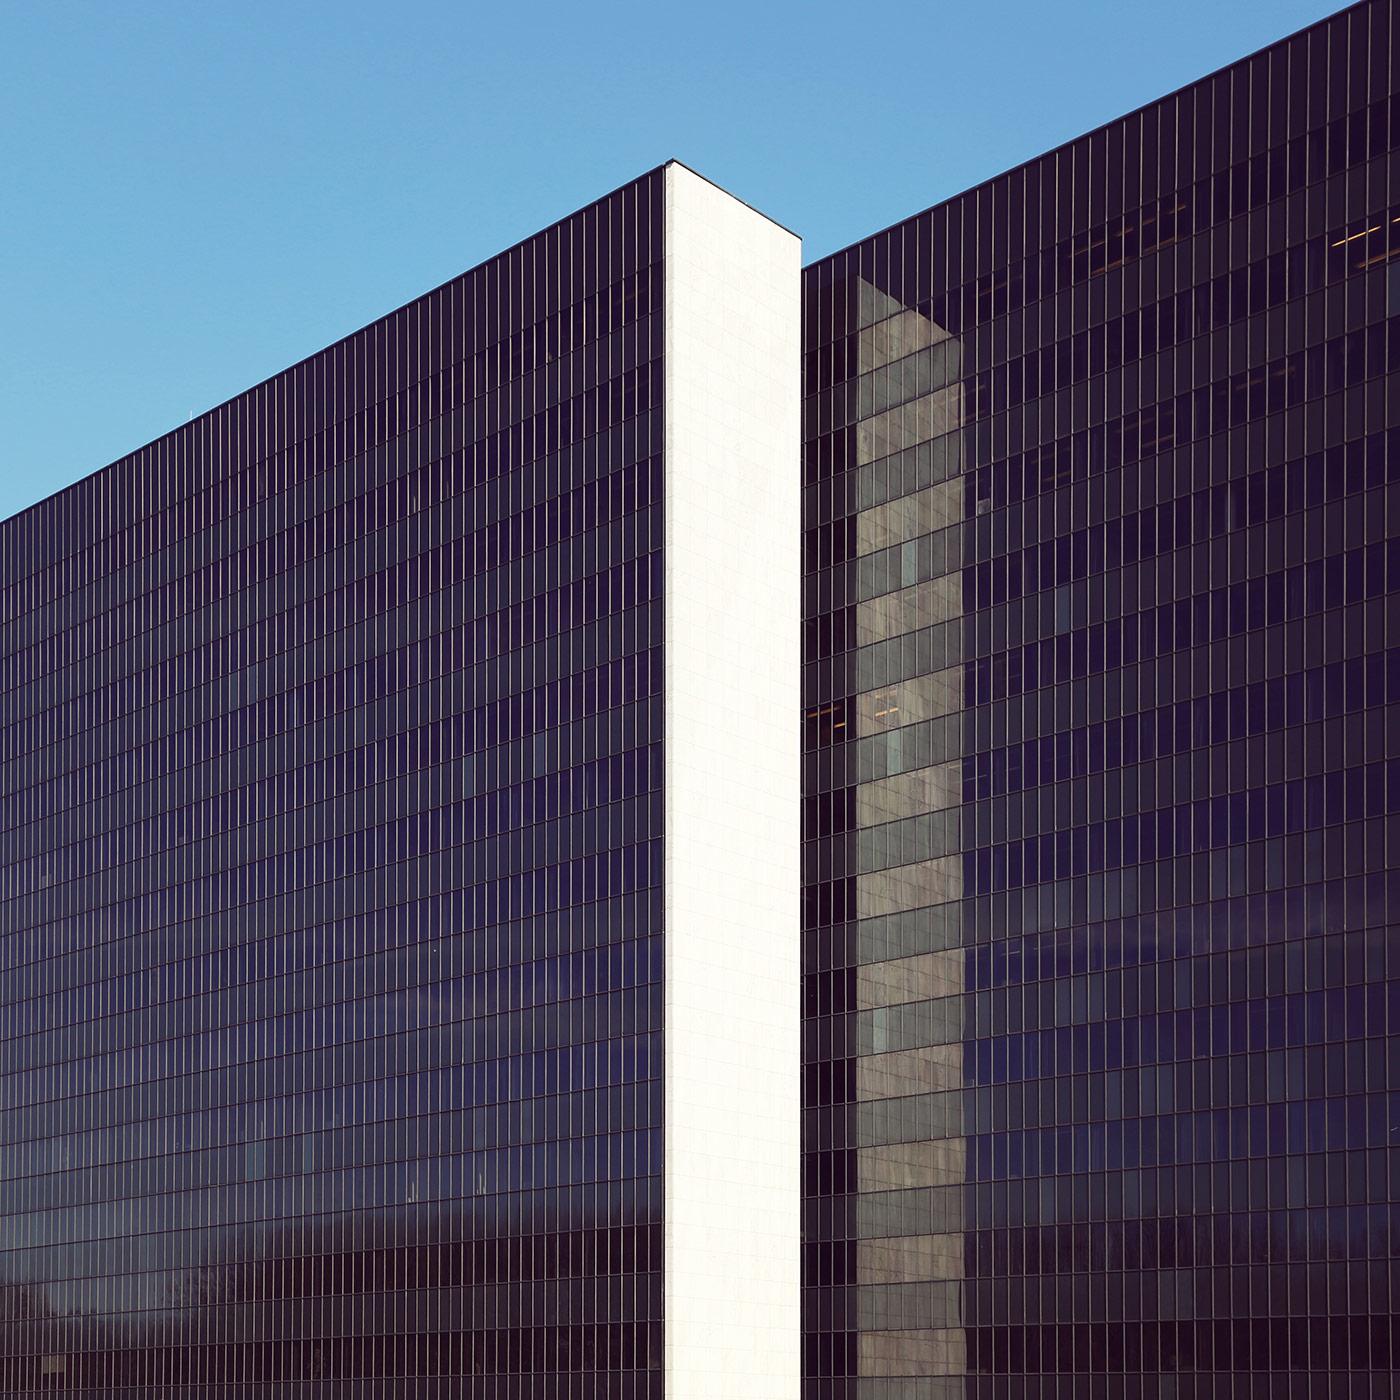 Vierscheibenhaus Location: Hamburg, Germany Architect: Arne Jacobsen